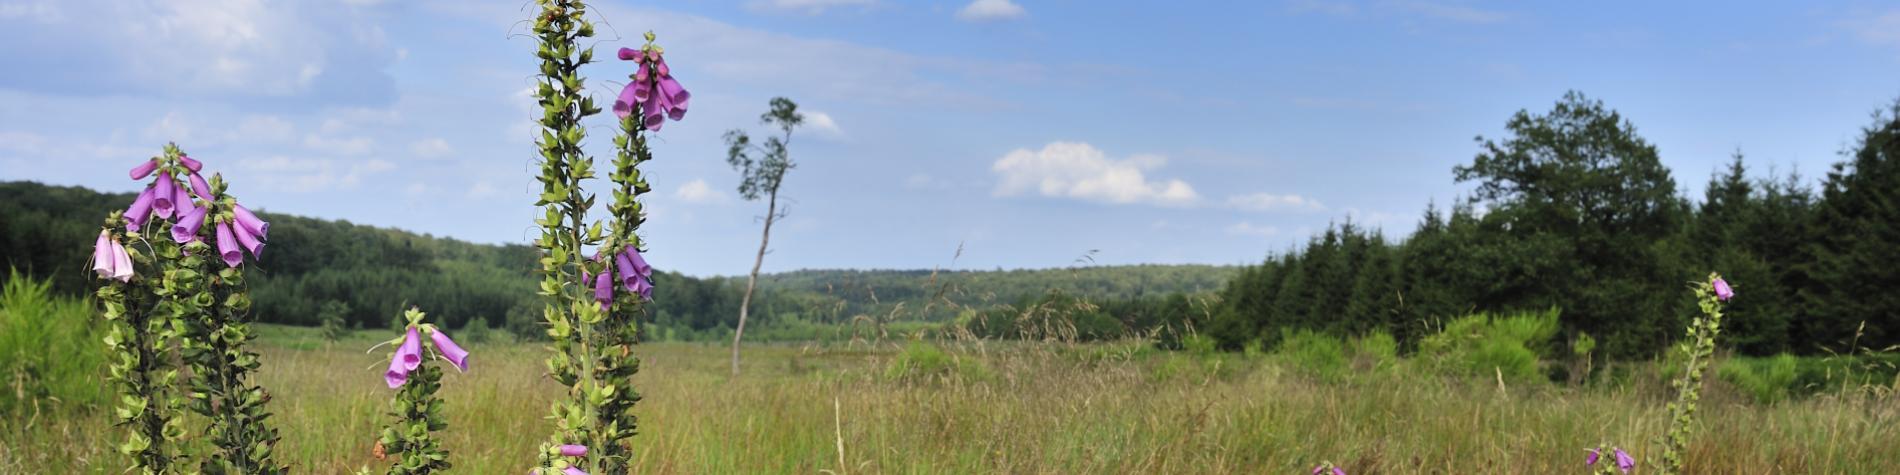 Fagne de la Basseille - Forêt de Saint-Hubert